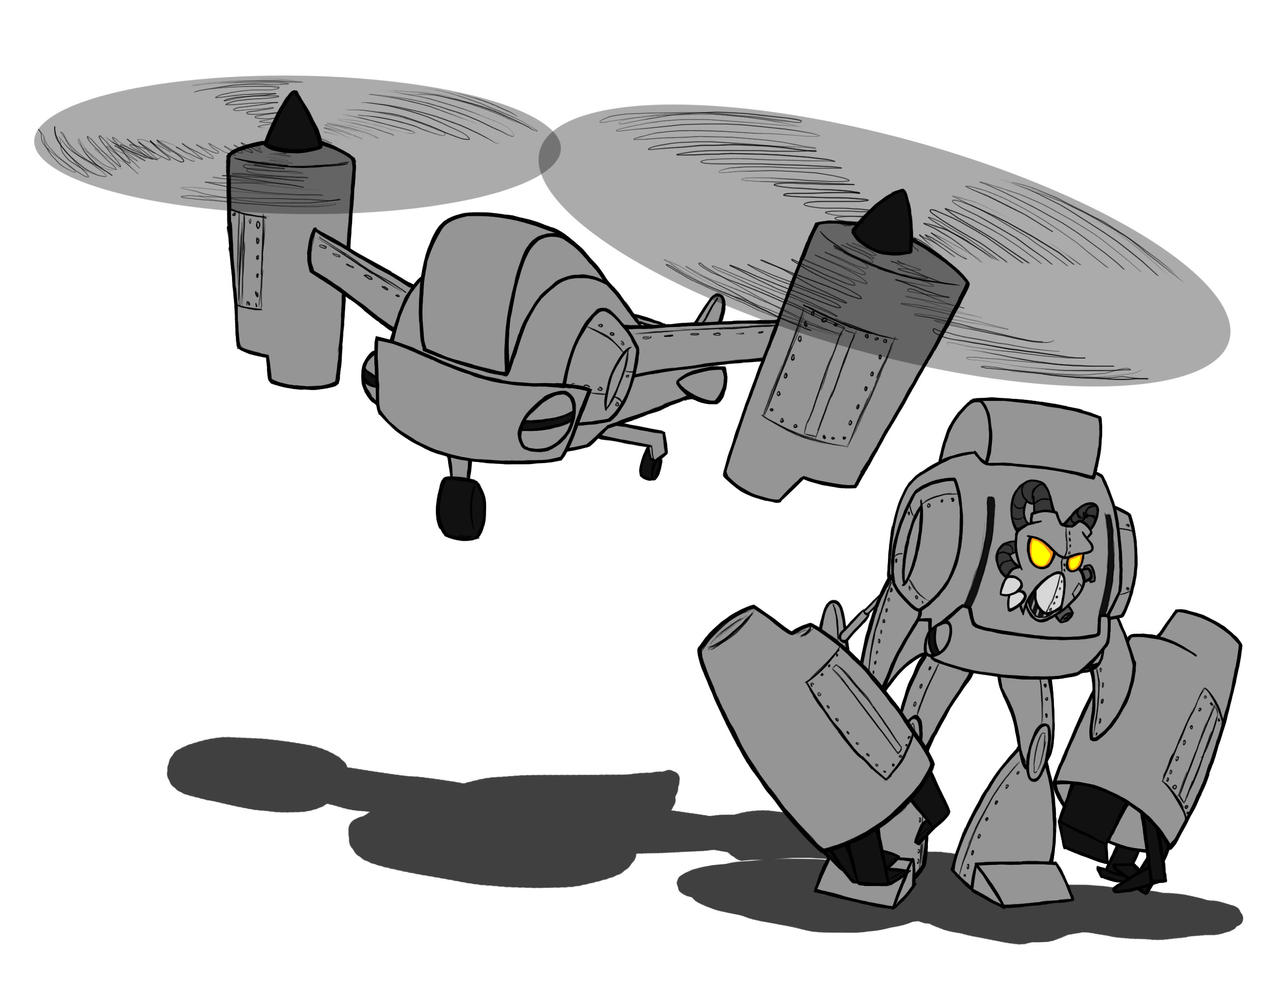 Enclave Vertibird Transformer by BlakerOats